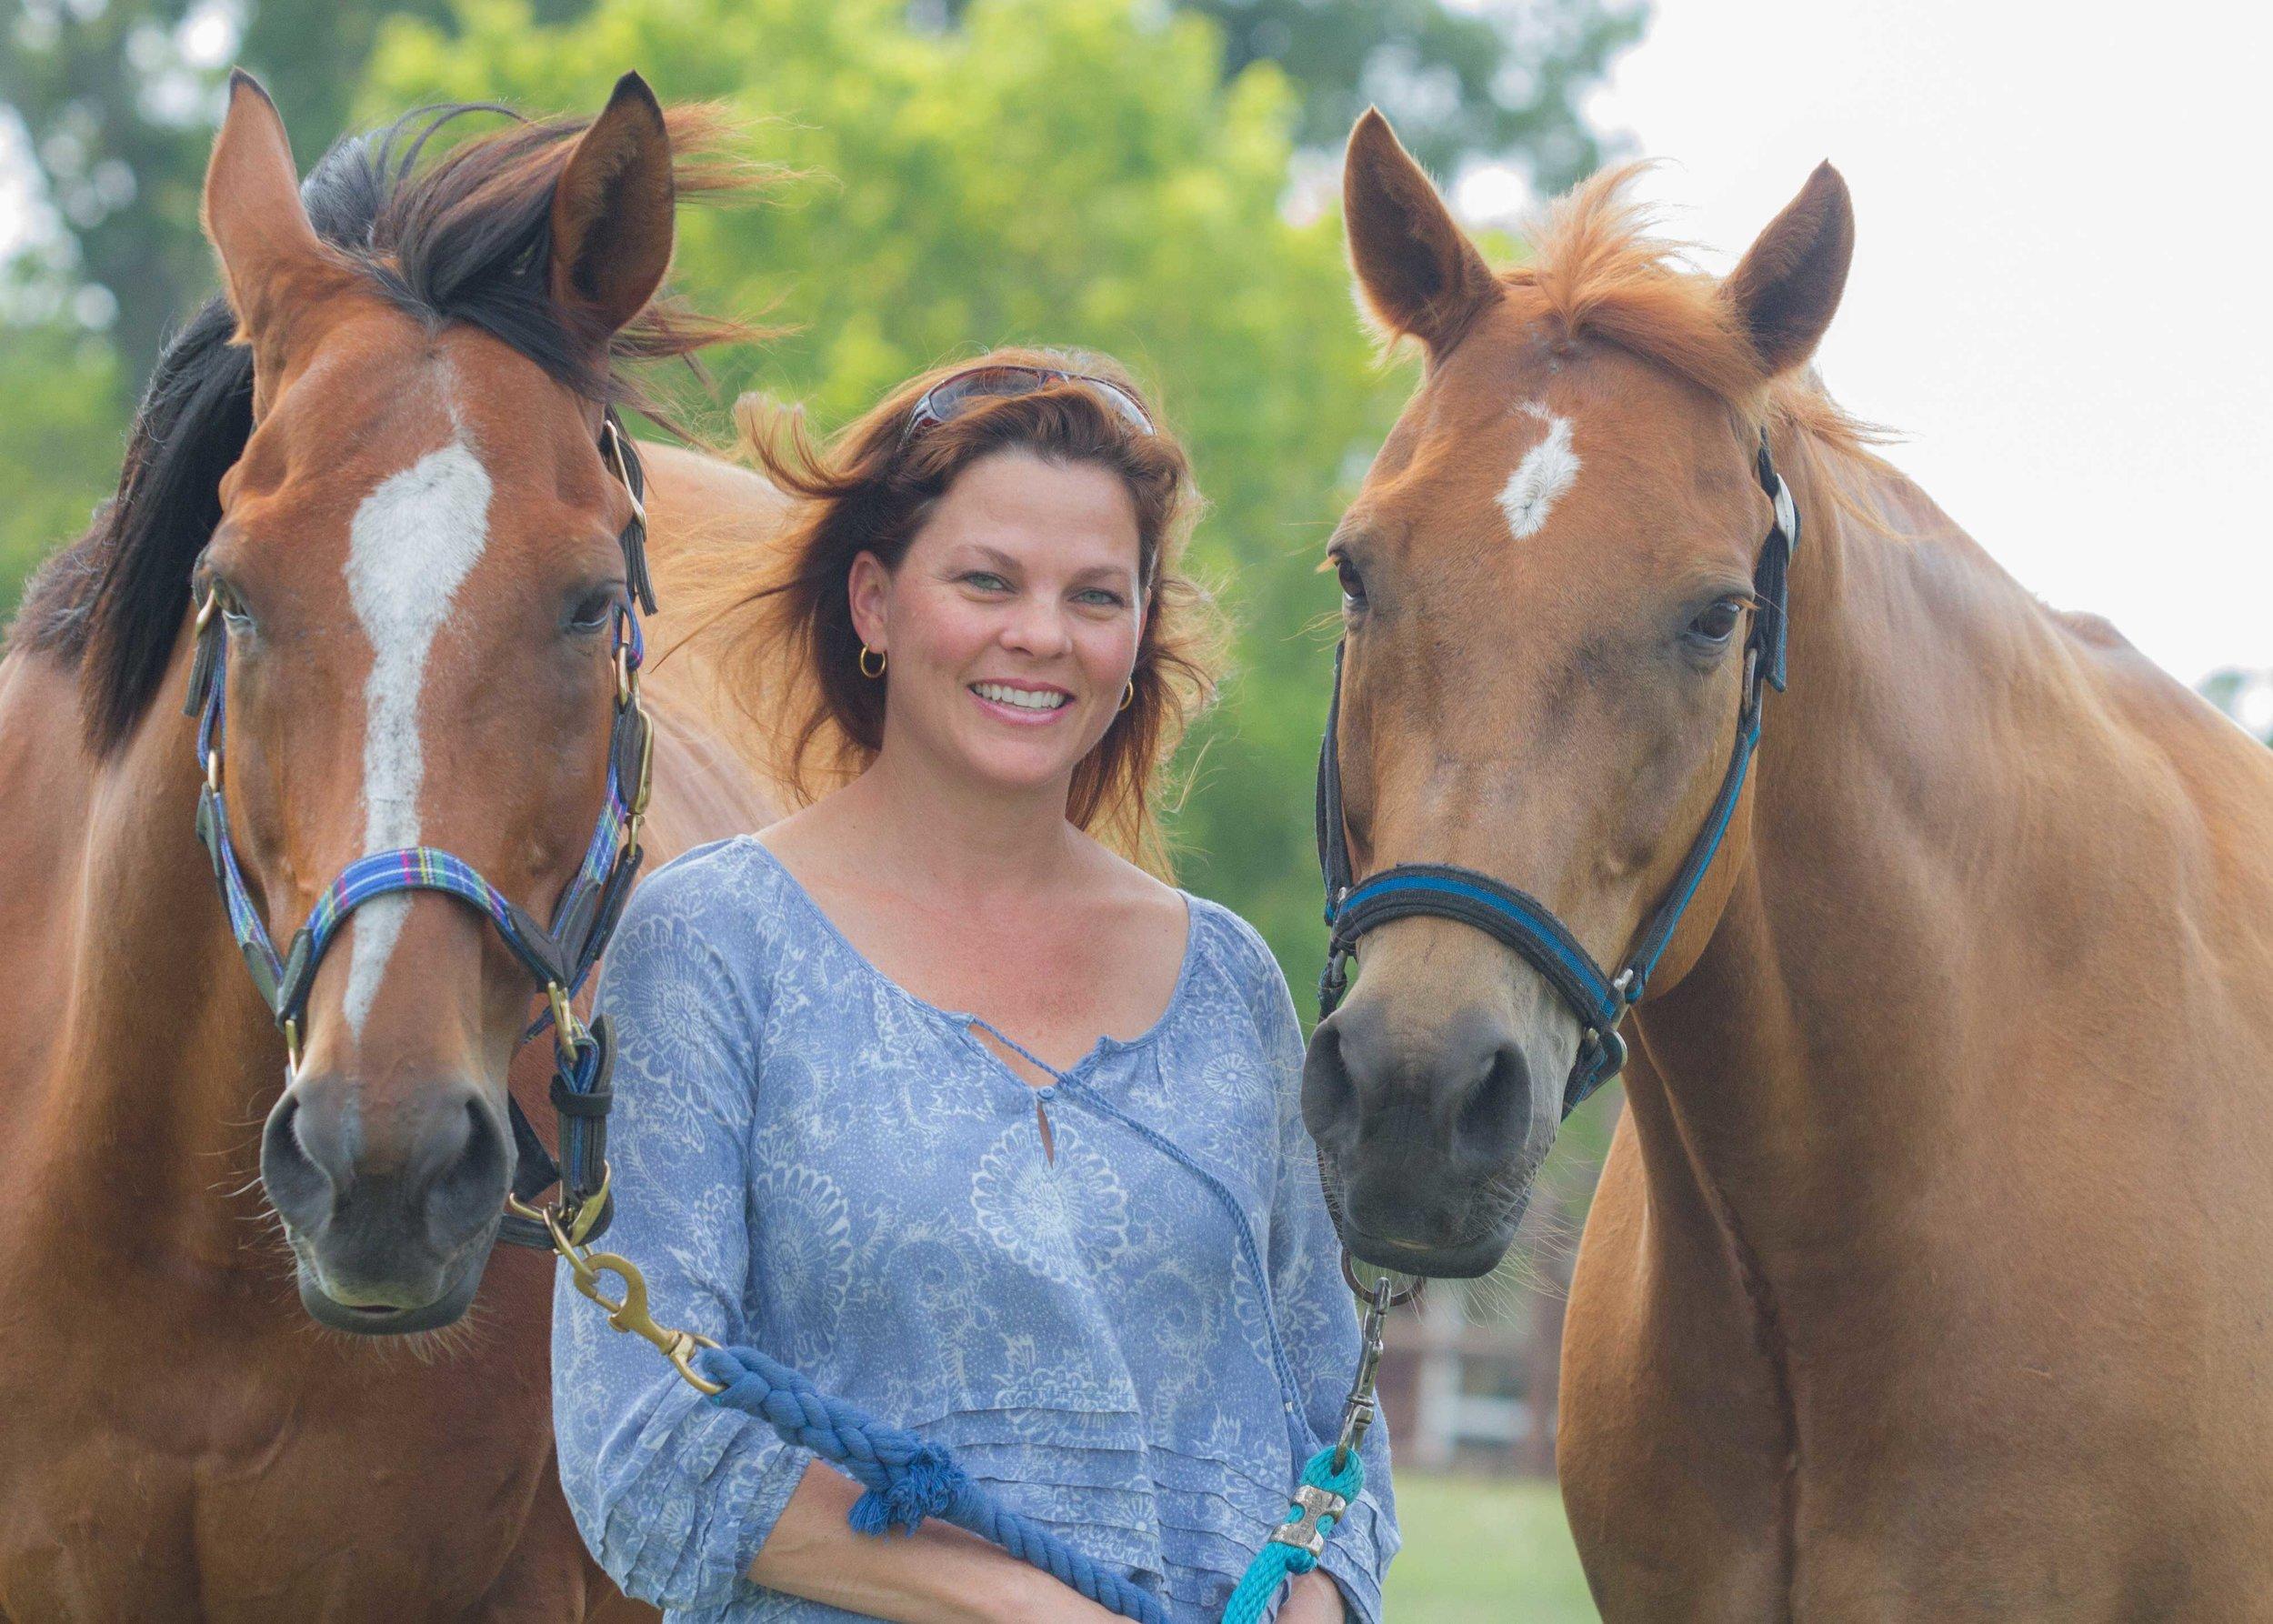 Fay loves horses!